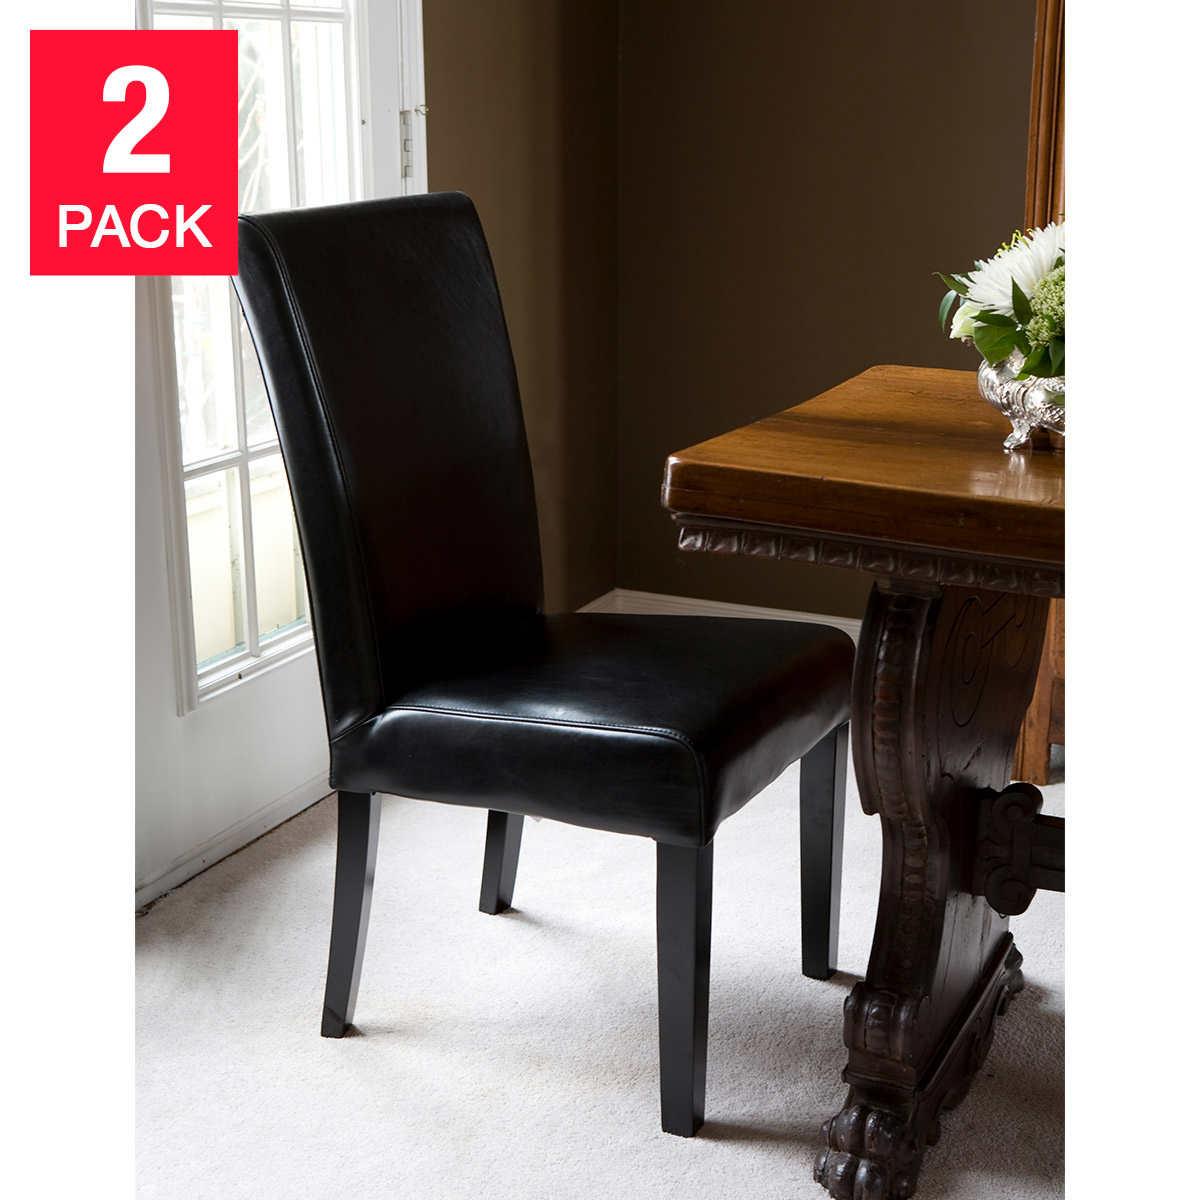 Parson chair leather - Boulevard Black Parson Chair 2 Pack